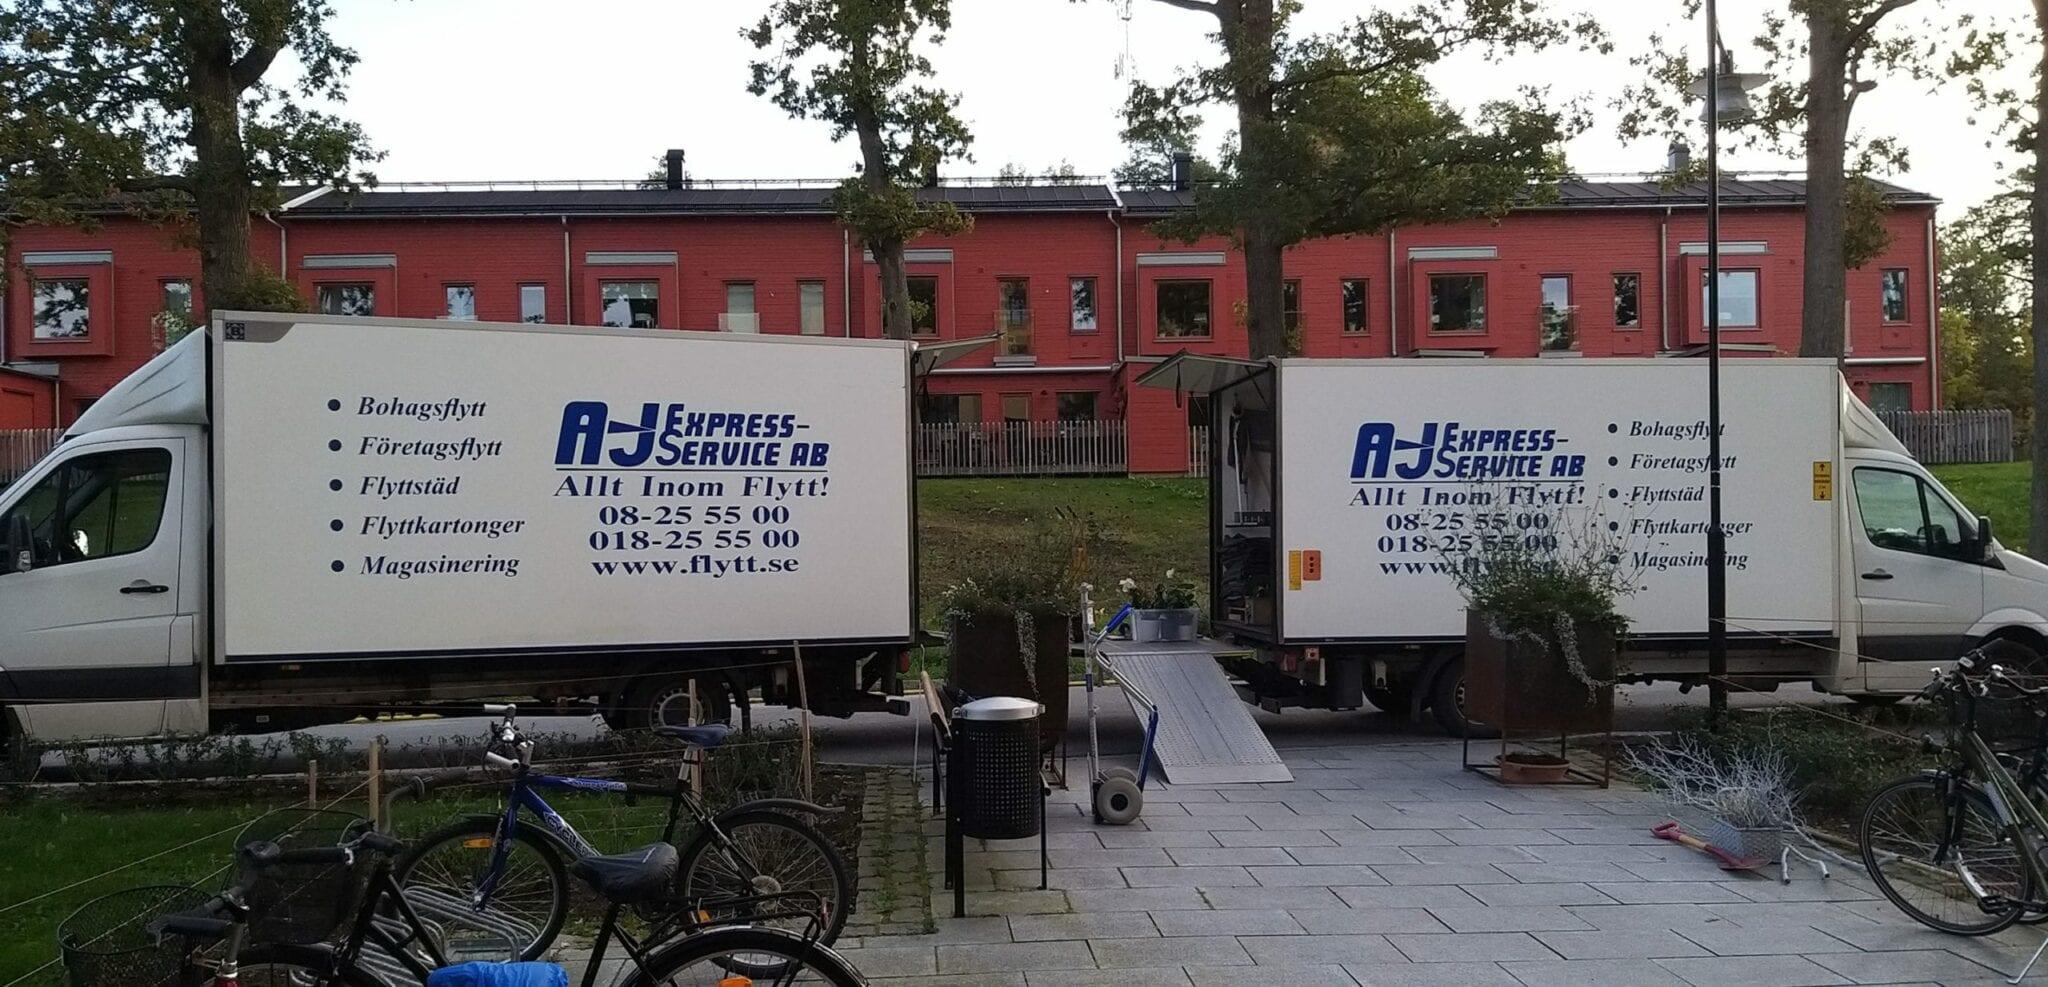 Flyttfirma Norrtälje